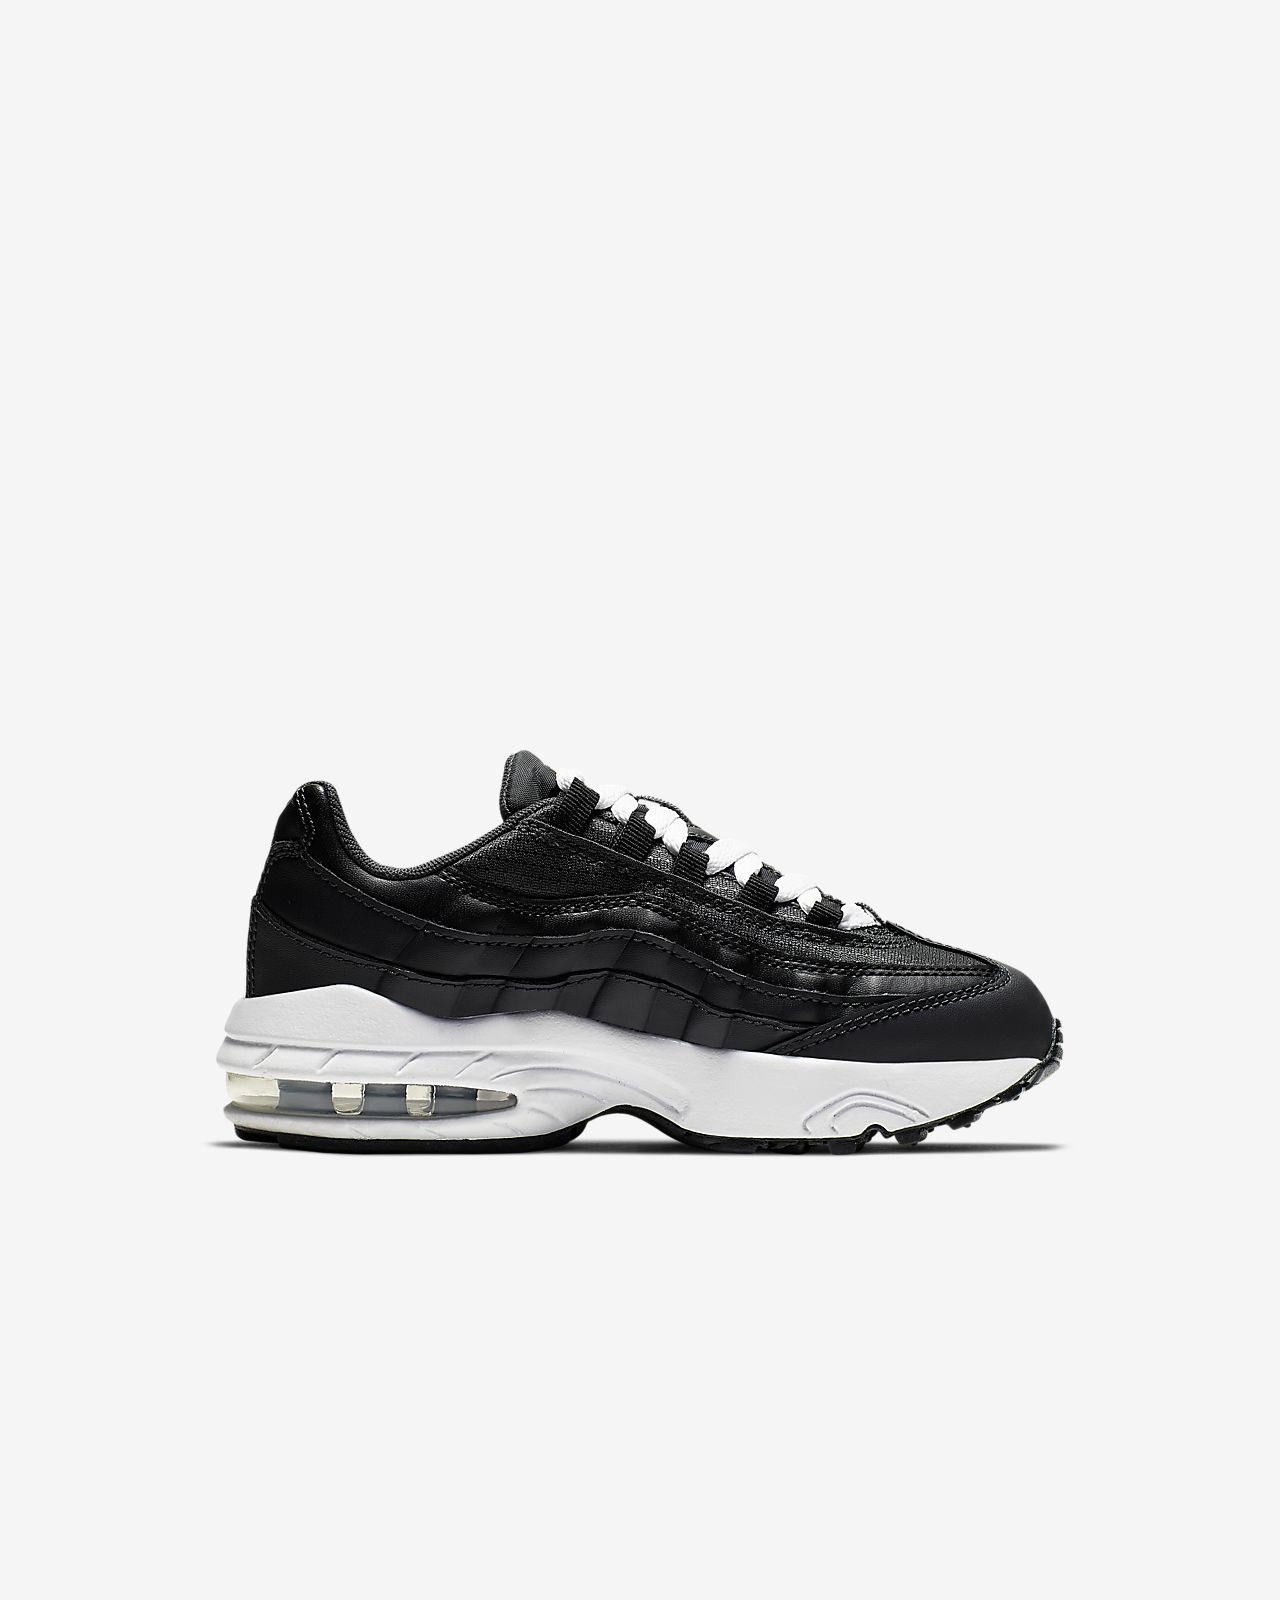 Black Silver White Nike Air Max 95 Mens Running Shoe Super Deals